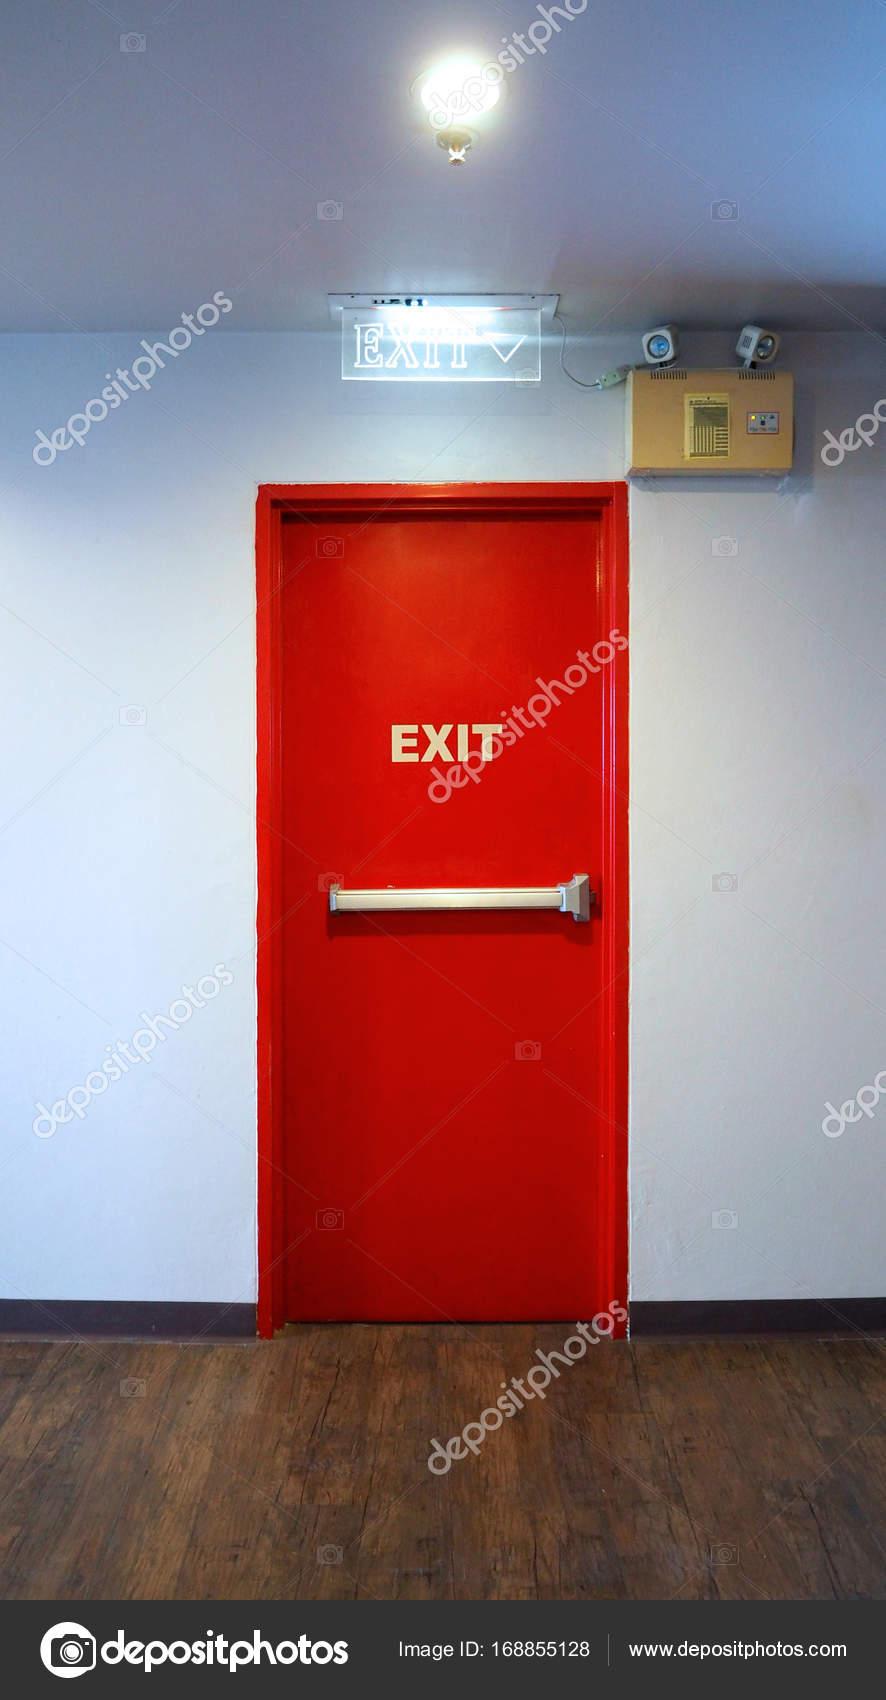 Emergency fire exit door red color. u2014 Stock Photo & Emergency fire exit door red color. u2014 Stock Photo © gnepphoto #168855128